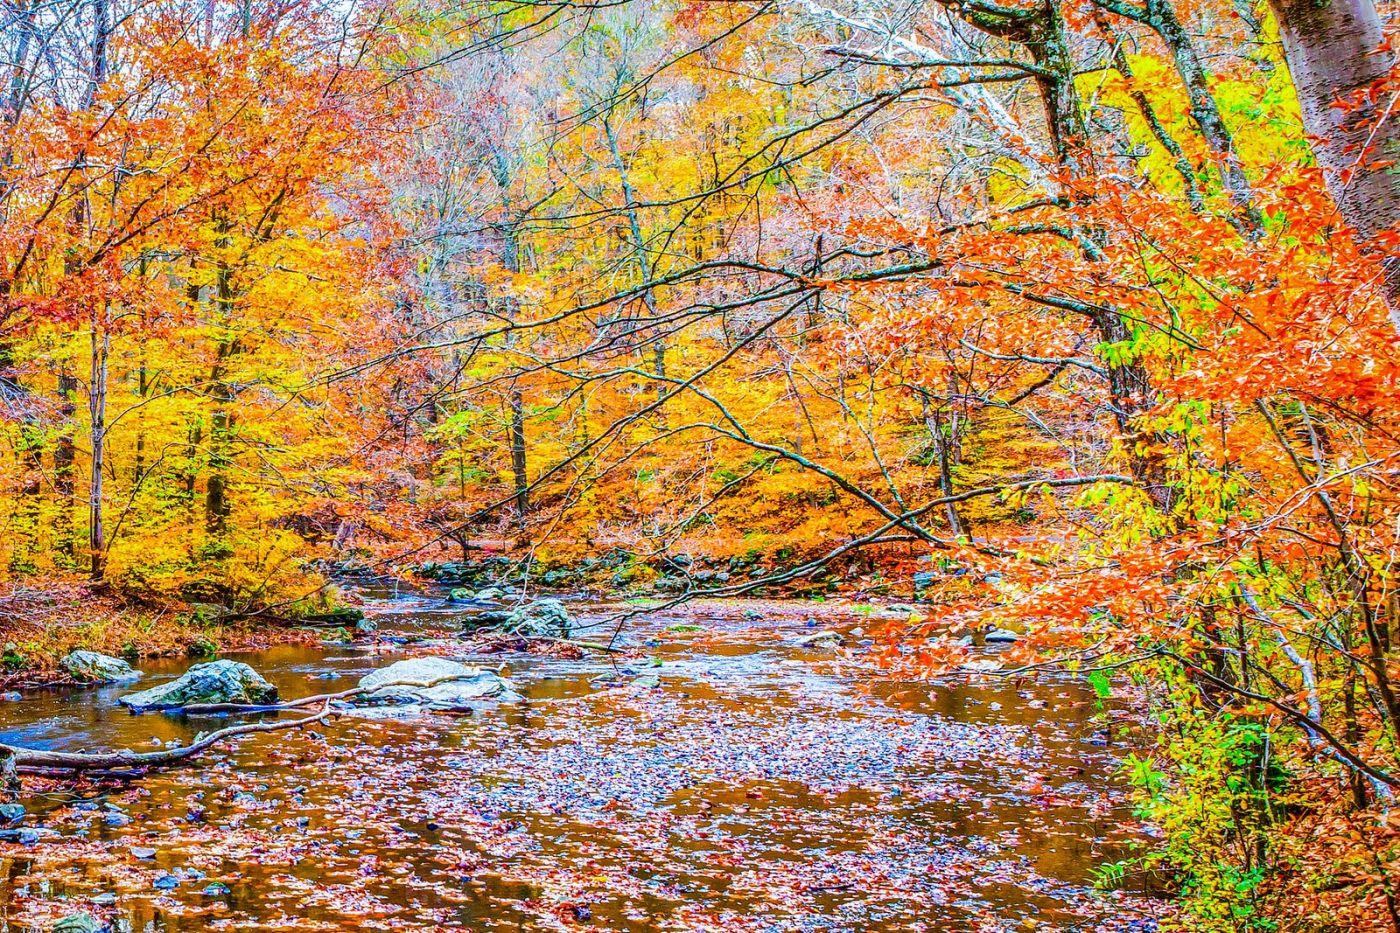 宾州雷德利克里克公园(Ridley creek park),大自然的舞台_图1-5